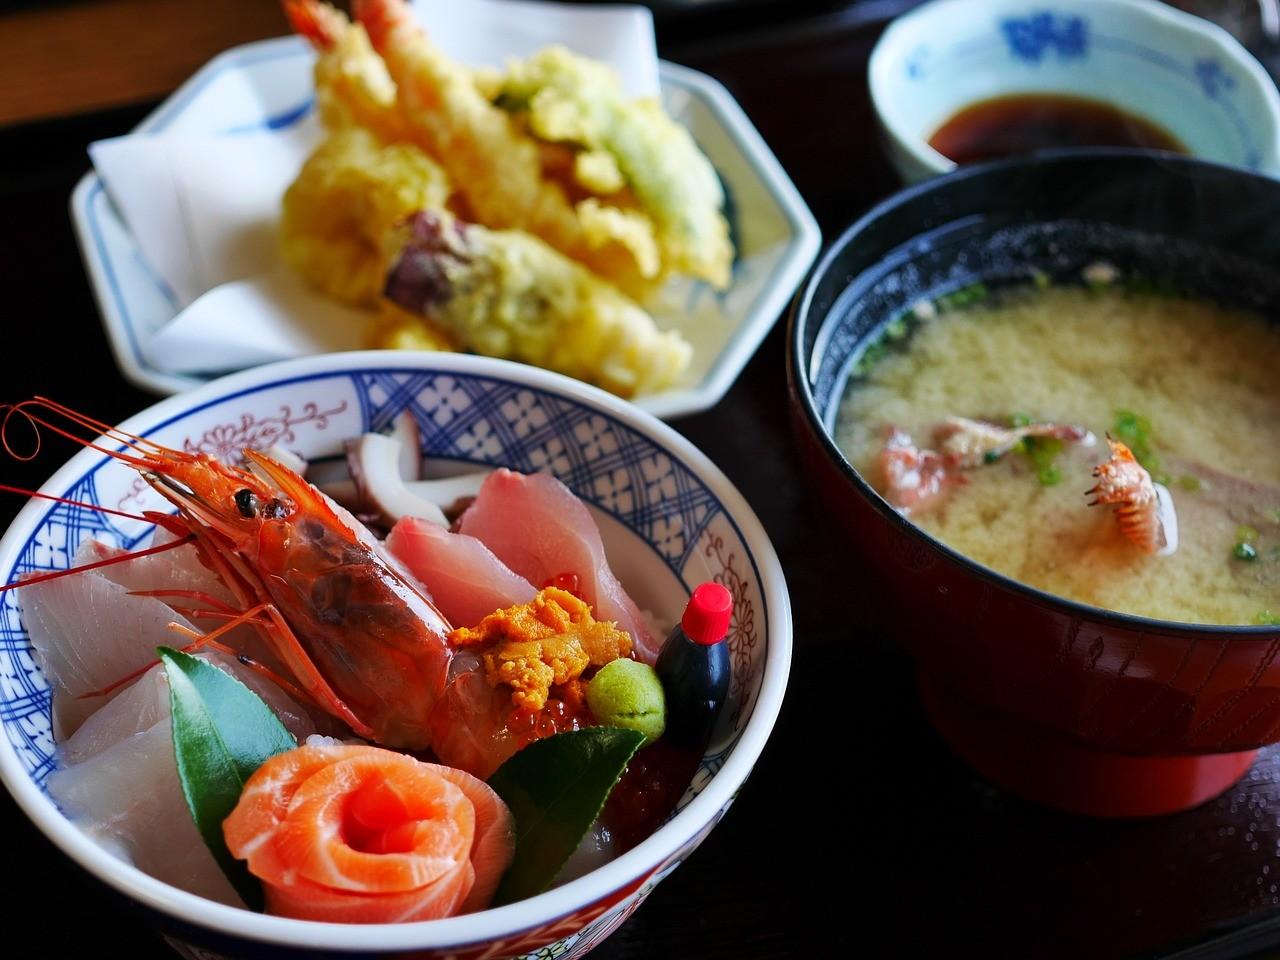 海鮮 丼もの 食事 和食 定食